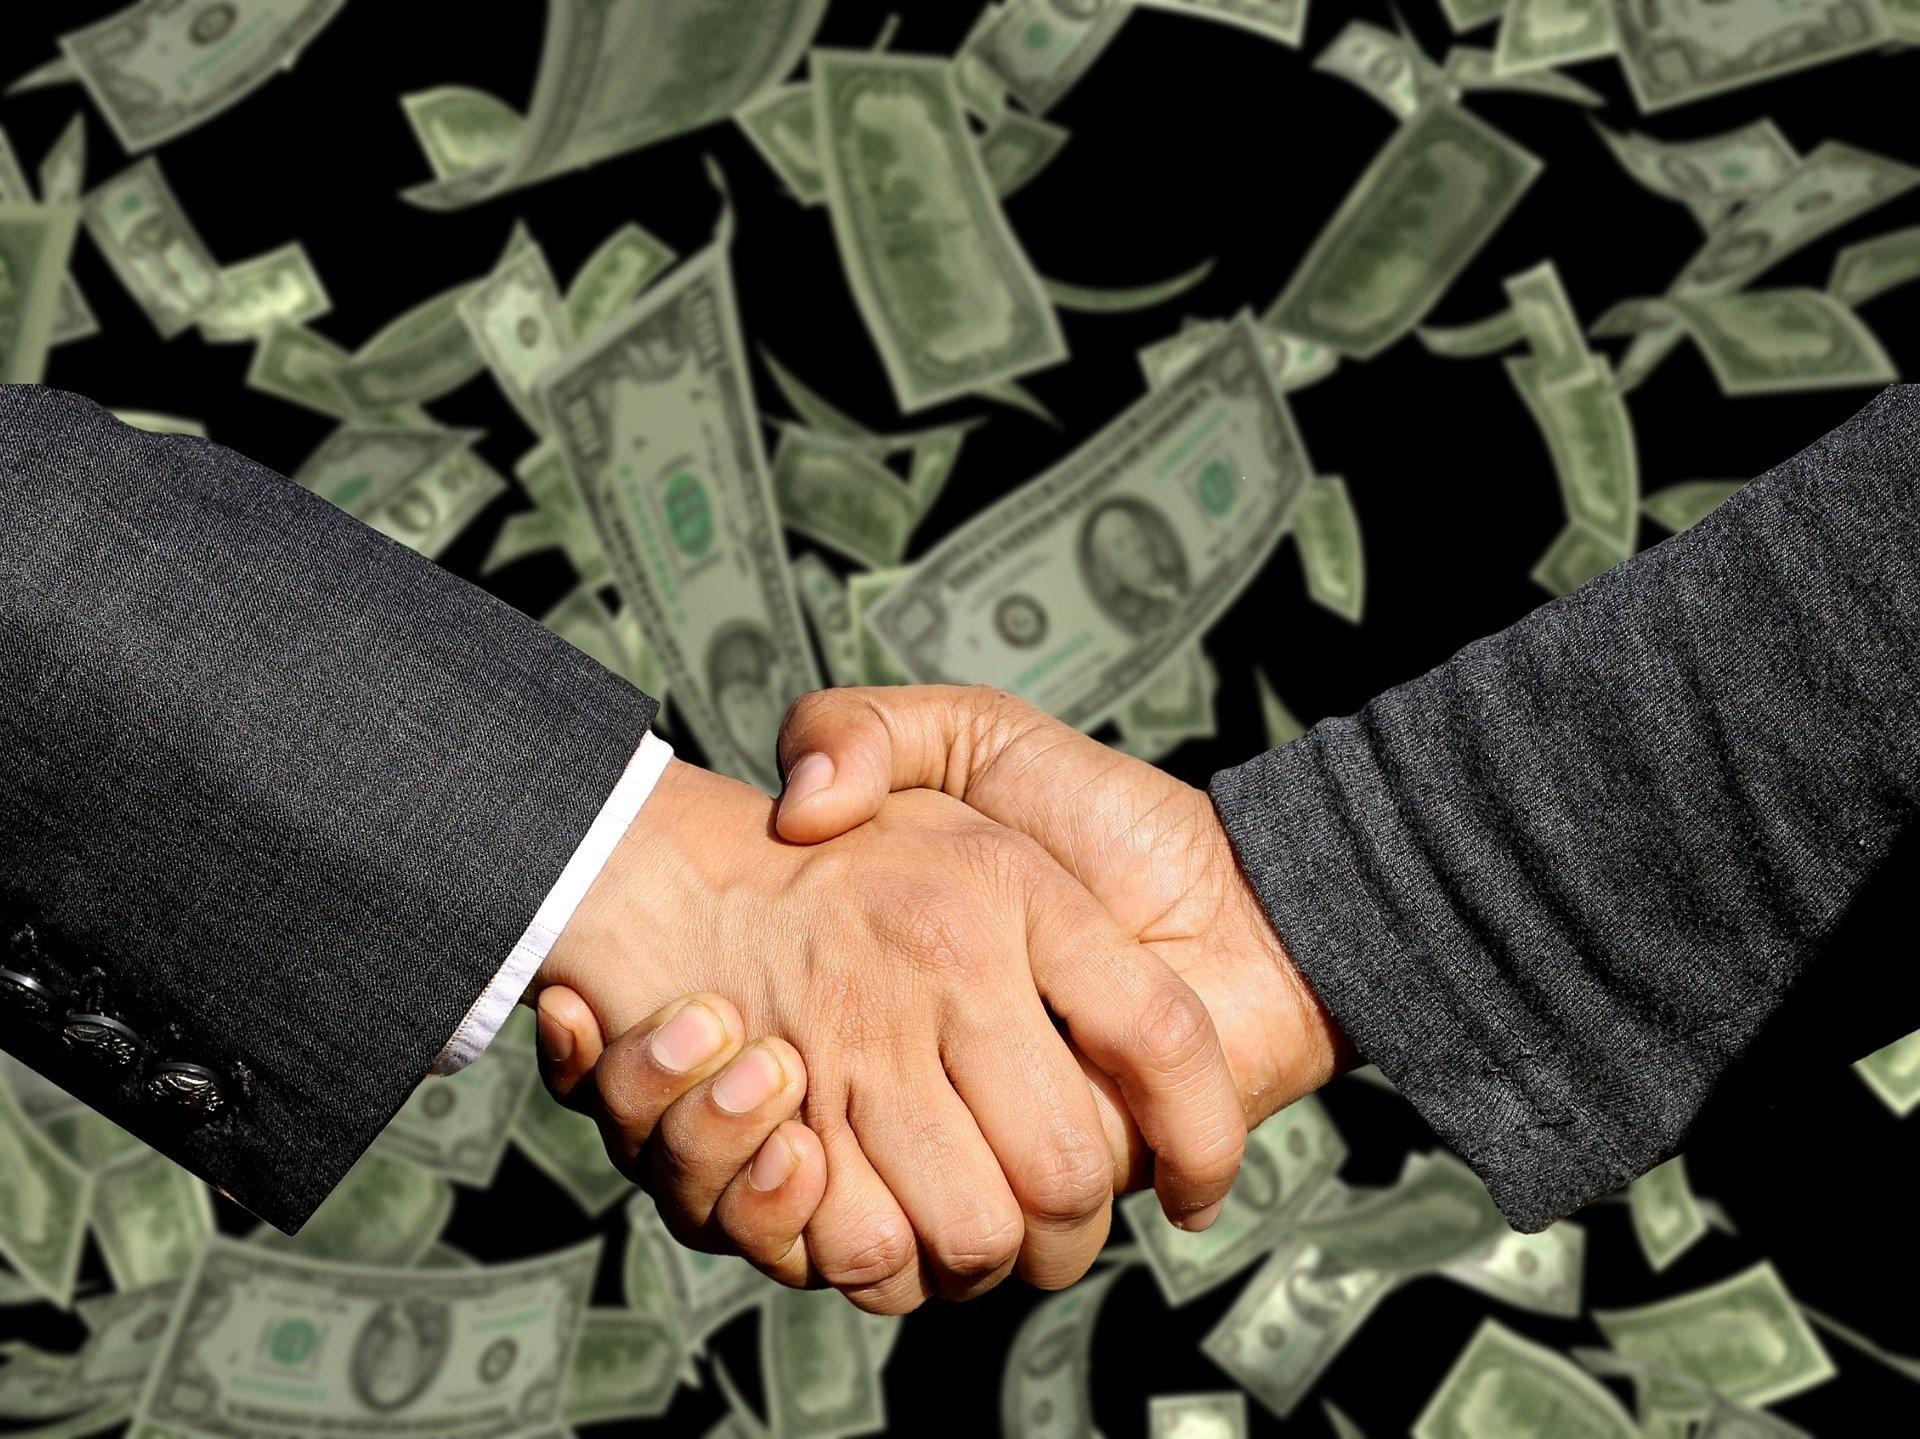 fundos-imobiliários-como-investir-dinheiro